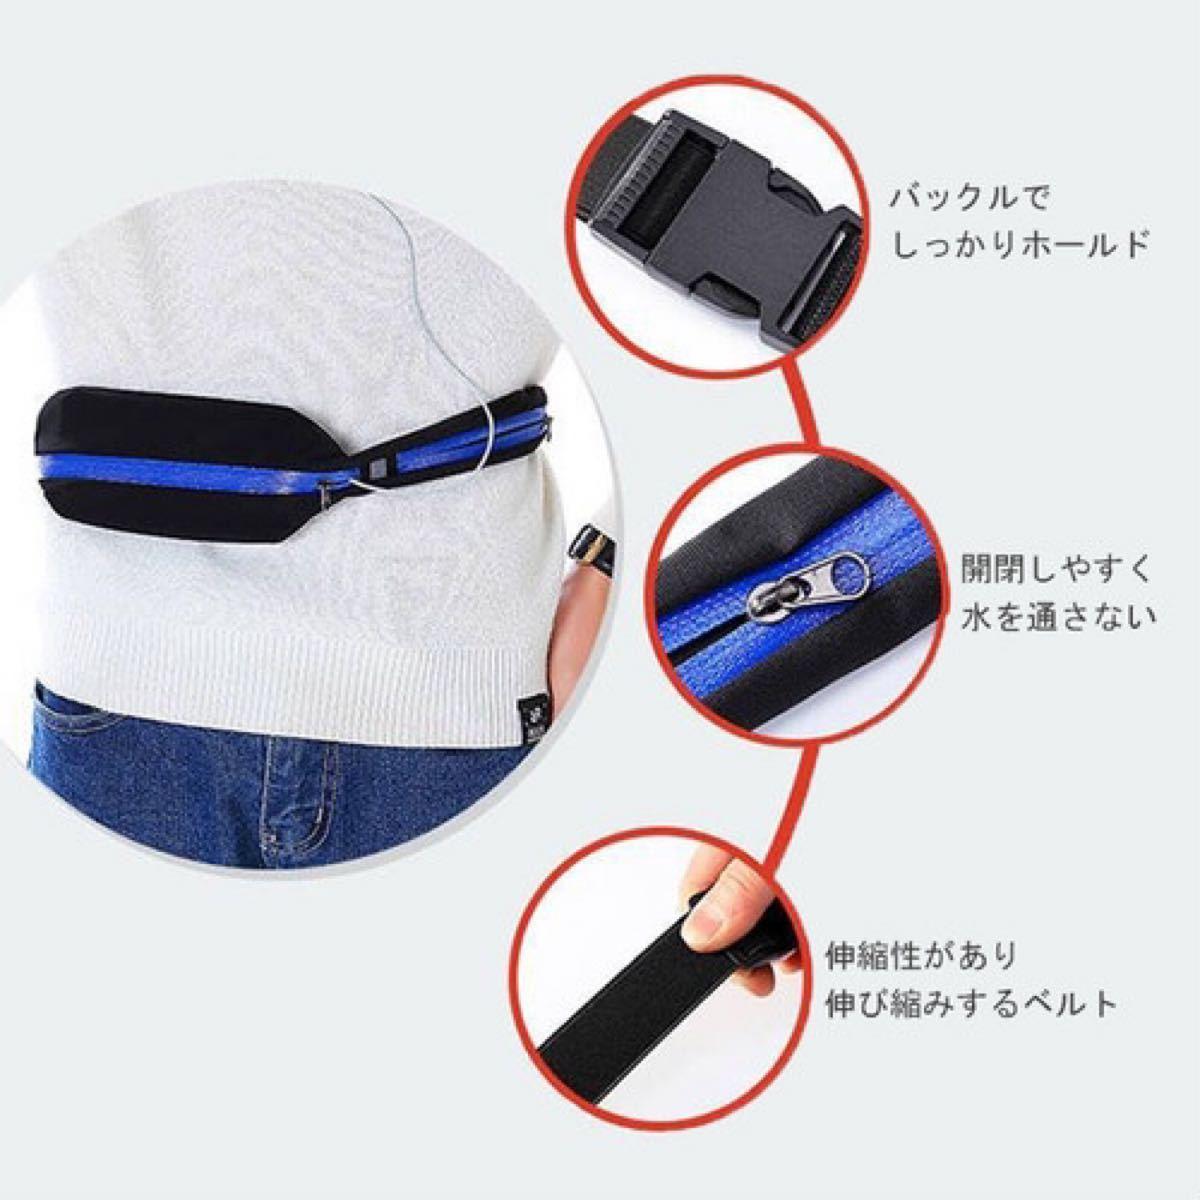 ランニング ポーチ 【青】 防水 ウエストポーチ ペットボトル ランニングポーチ